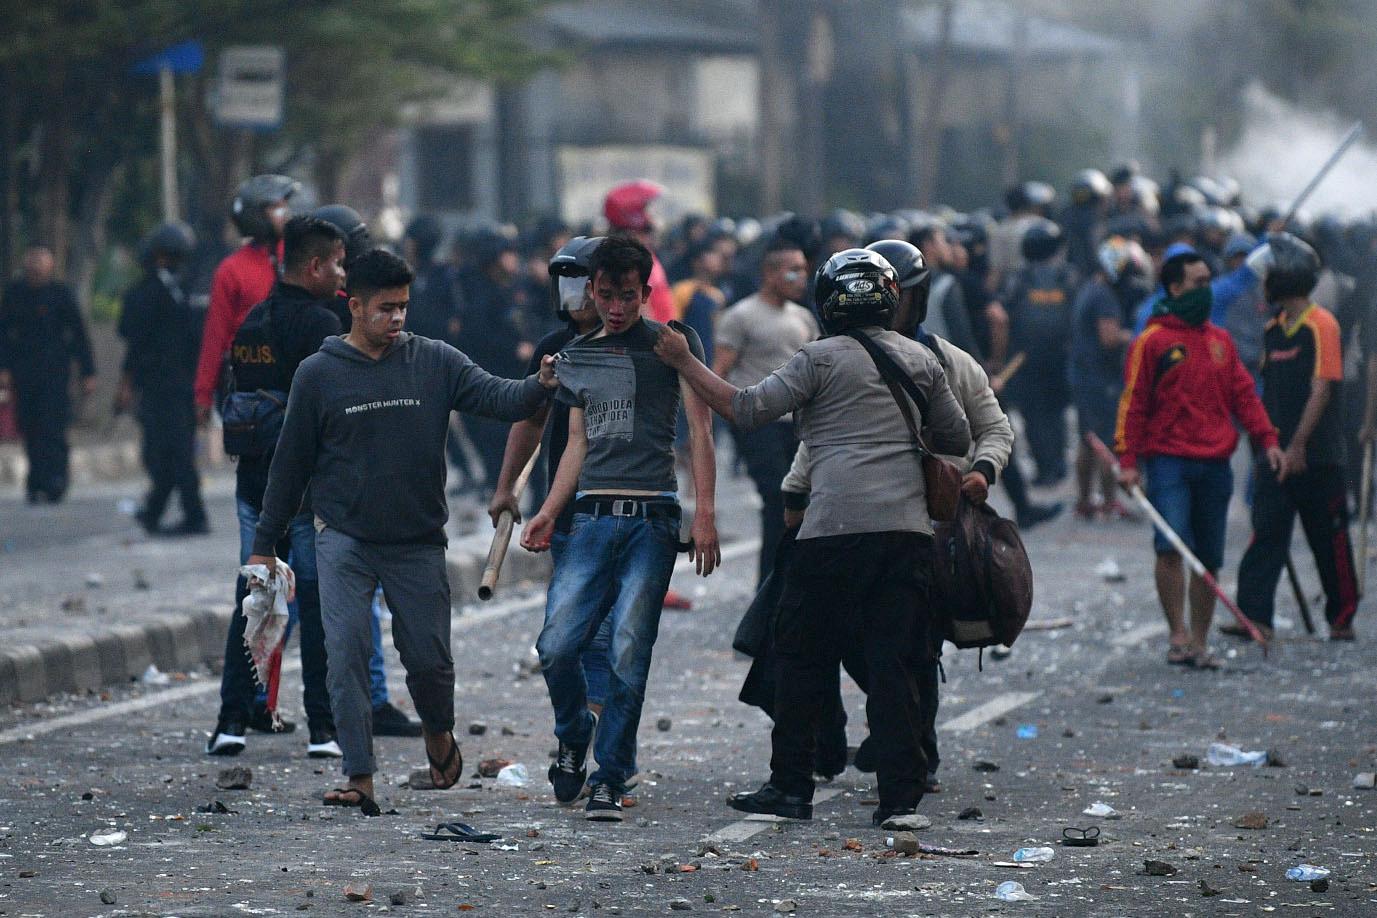 الاحتجاجات على نتائج الانتخابات الرئاسية في جاكارتا، إندونيسيا، 22 مايو 2019